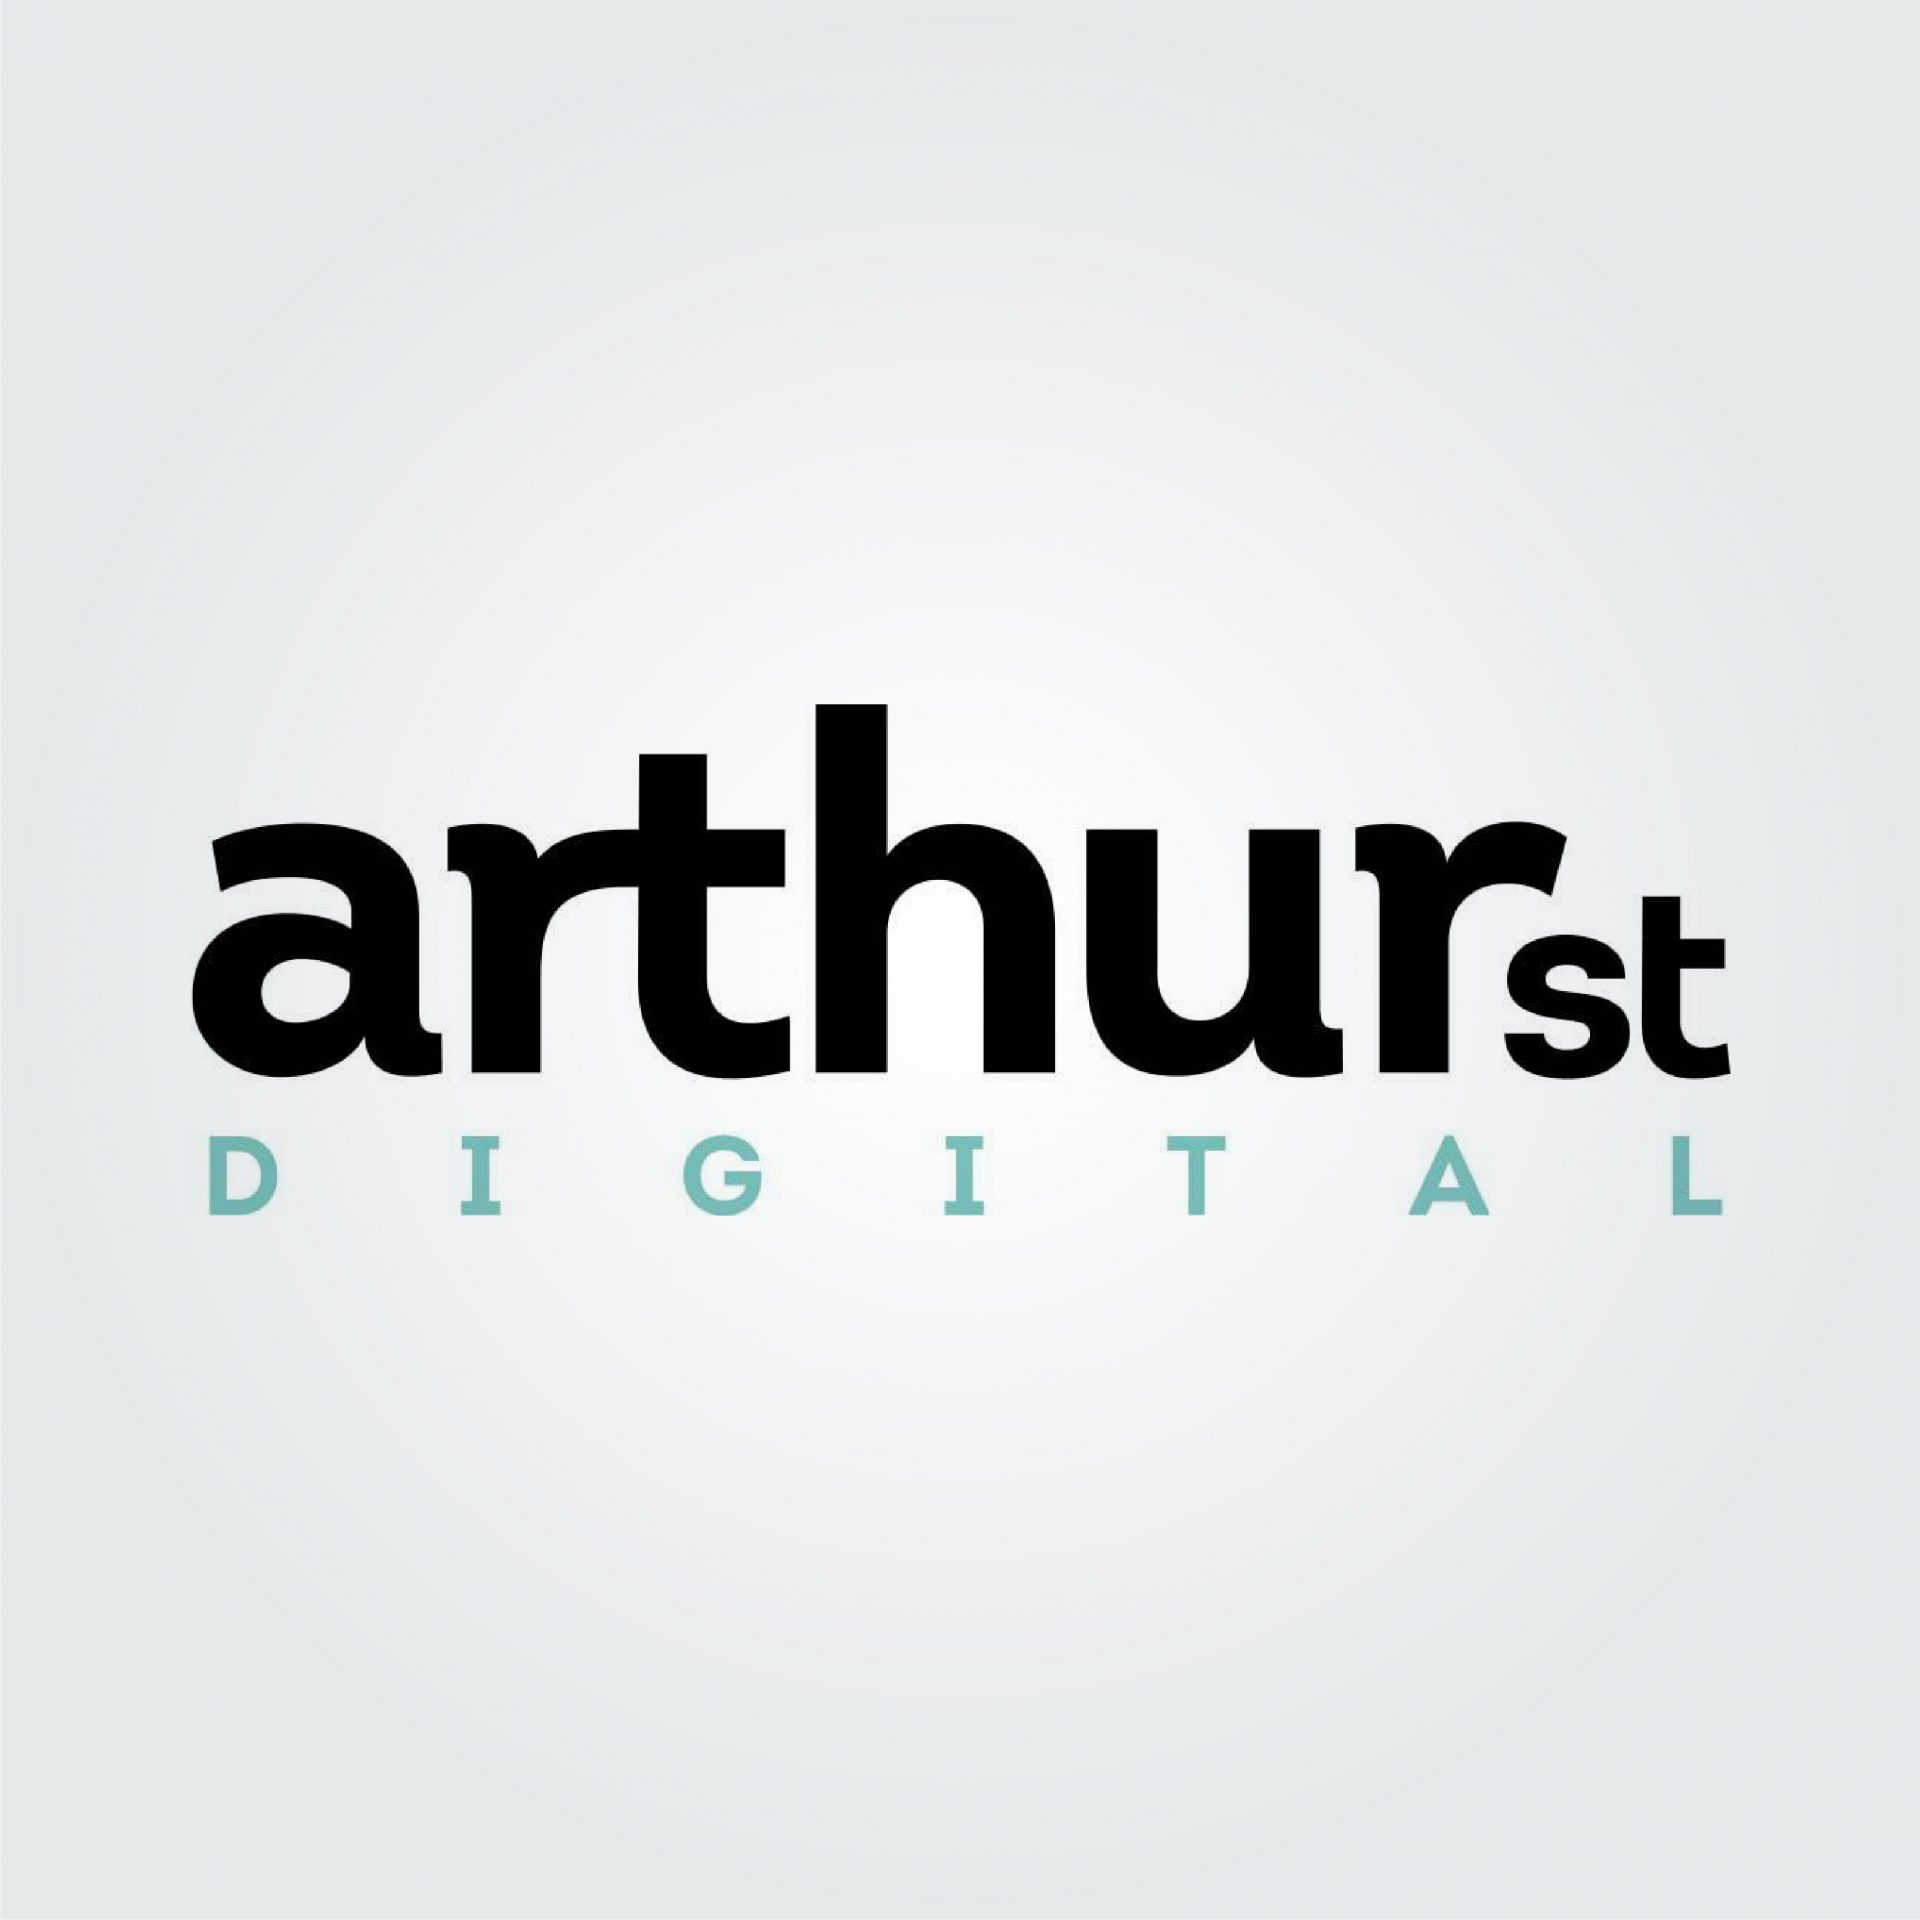 Arthur St Digital logo